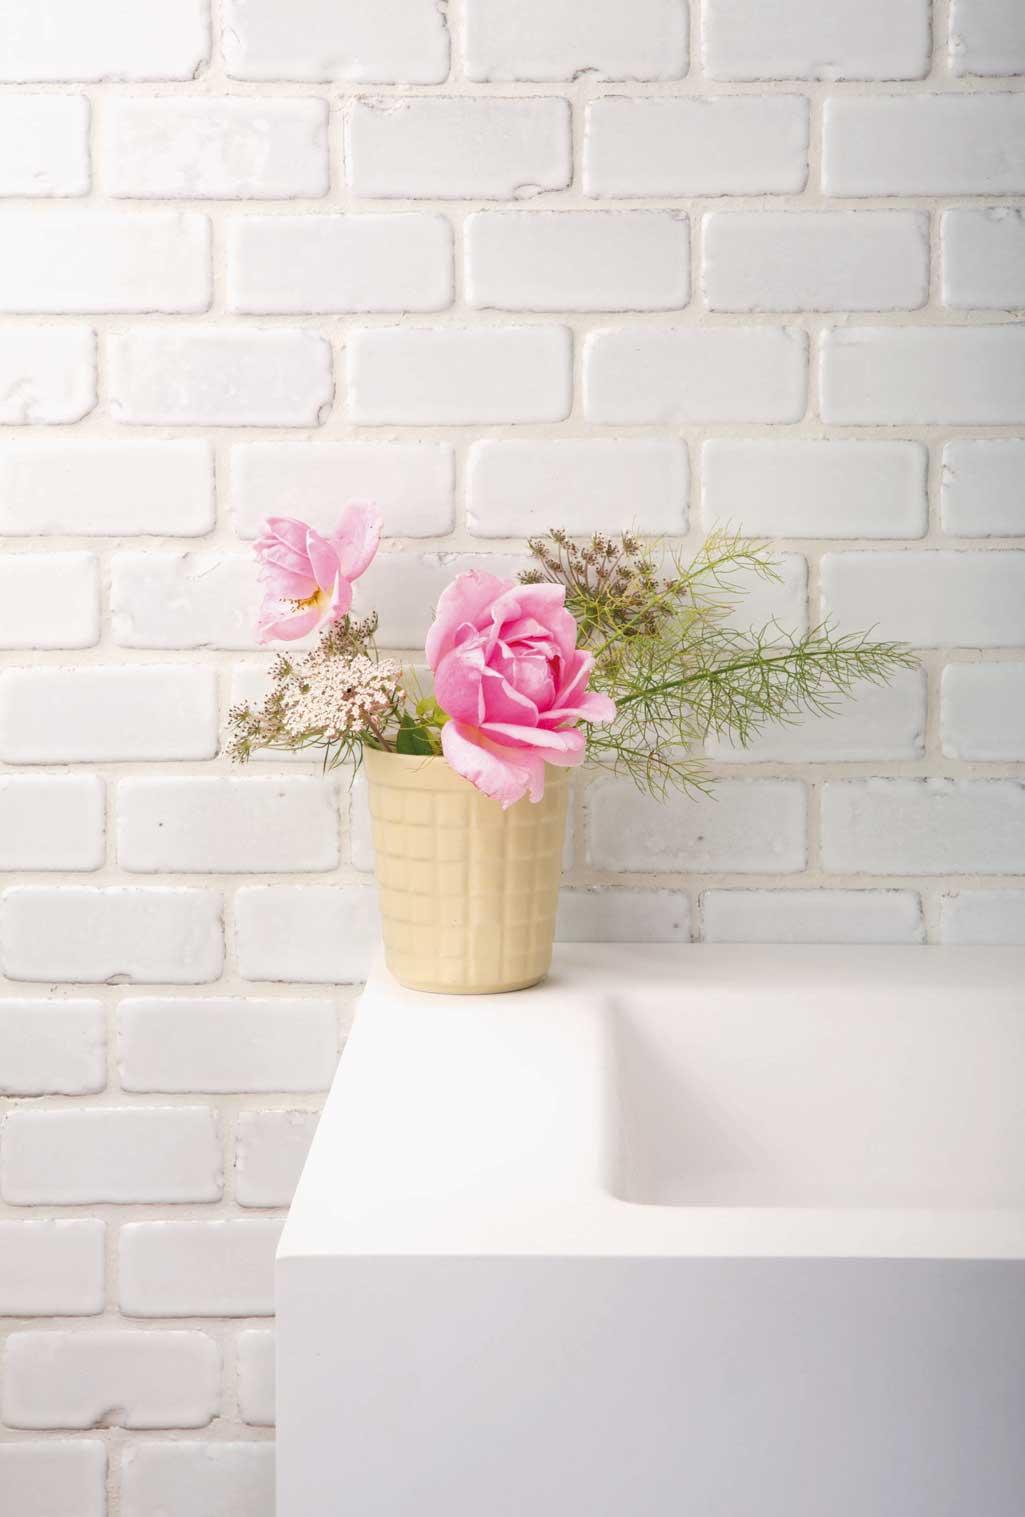 Baño de estilo nórdico con flores rosas en la repisa del lavabo. Pared de tochos pintados en blanco.